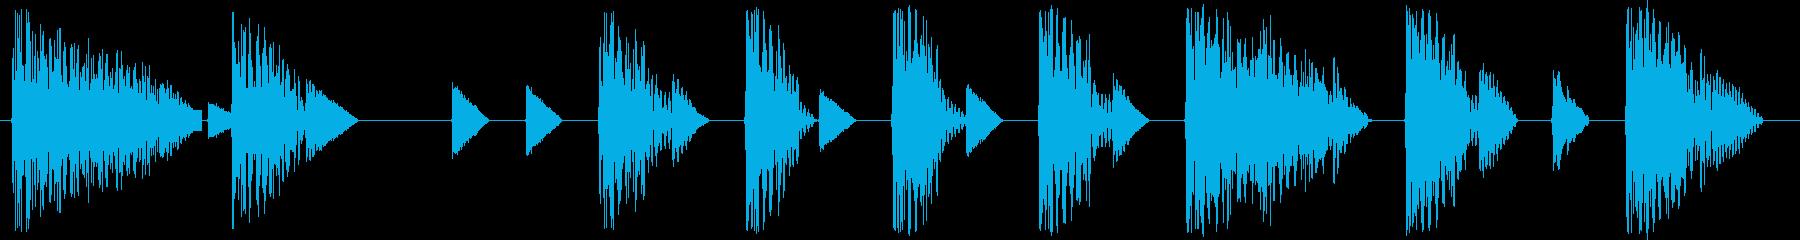 レトロゲームジングル:かっこいい感じの再生済みの波形